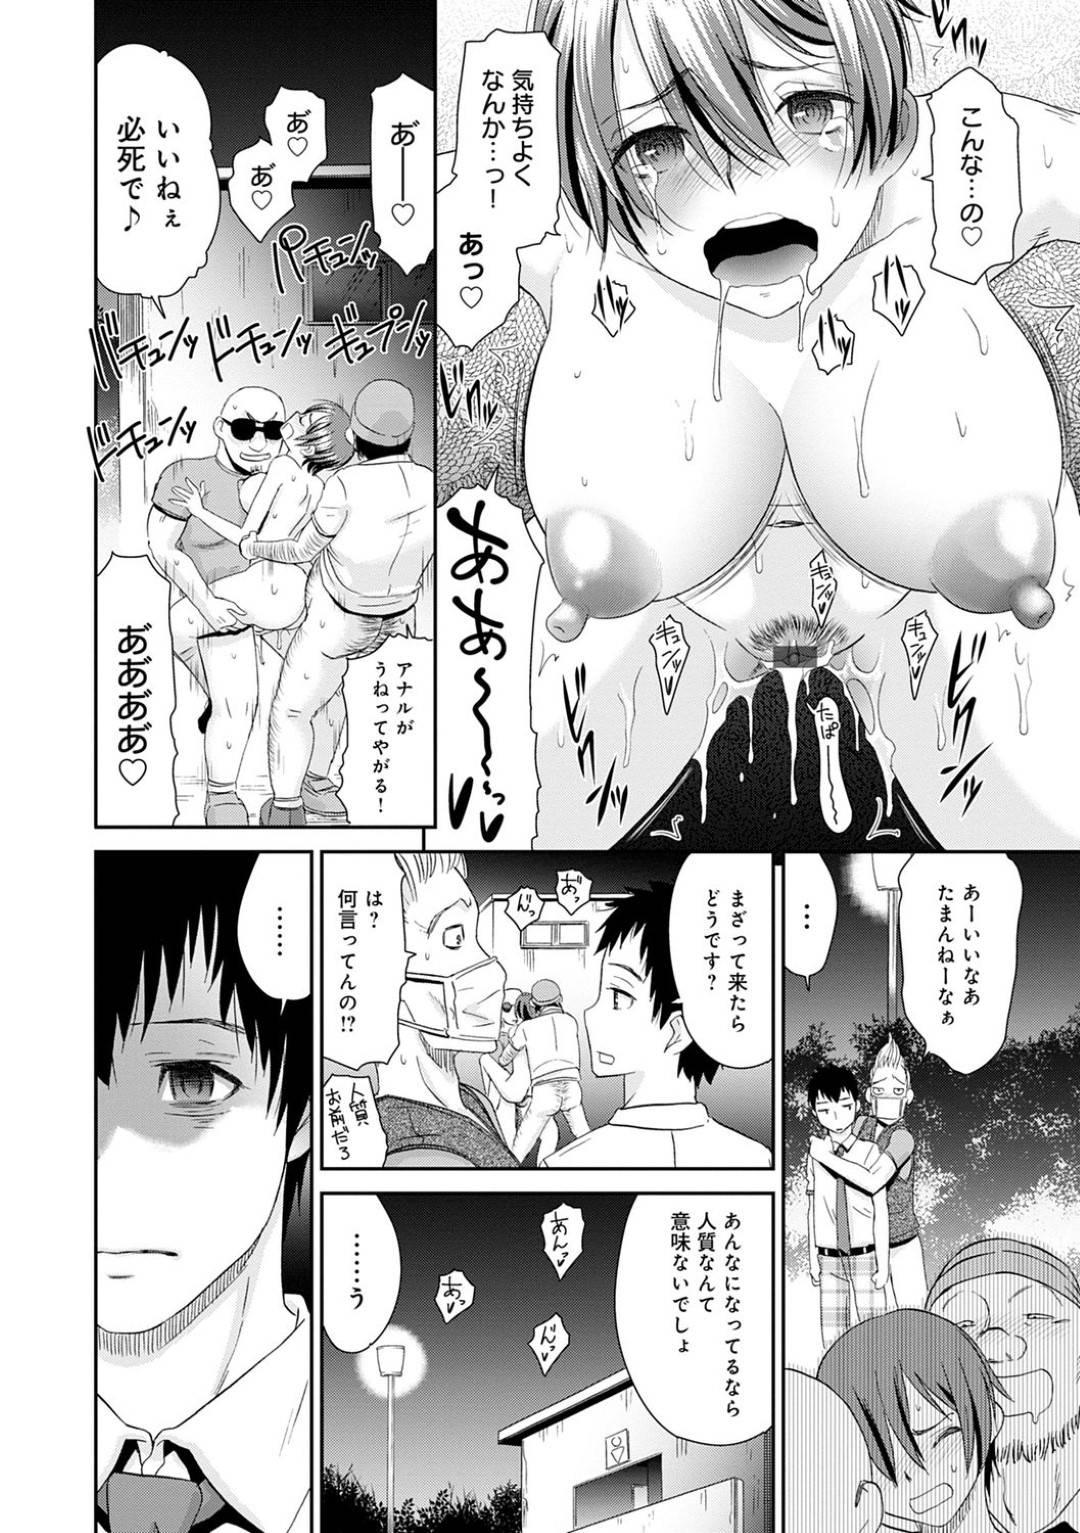 【輪姦レイプエロ漫画】男子高生を人質に取られ、お姉さんはDQN男達に輪姦レイプされ中出しされる【桃之助】